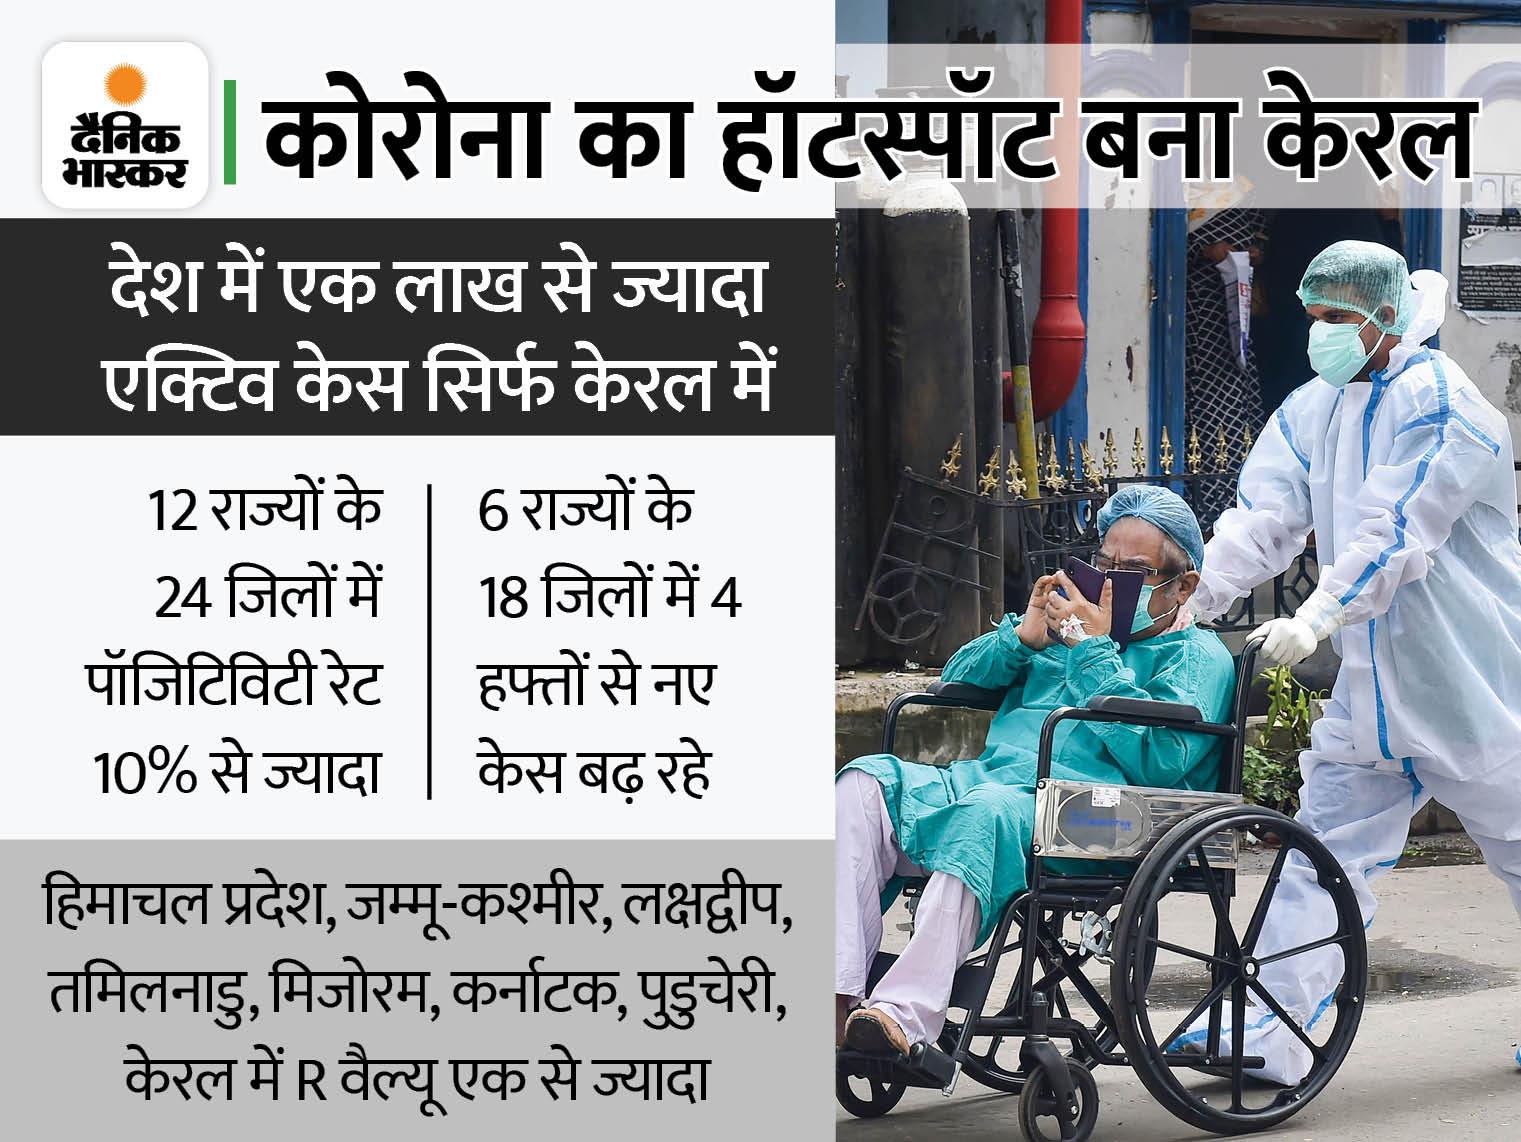 एक्सपर्ट्स का दावा- केस बढ़ रहे हैं, तीसरी लहर बस आने वाली है; सरकार ने कहा- अभी दूसरी ही खत्म नहीं हुई|देश,National - Dainik Bhaskar